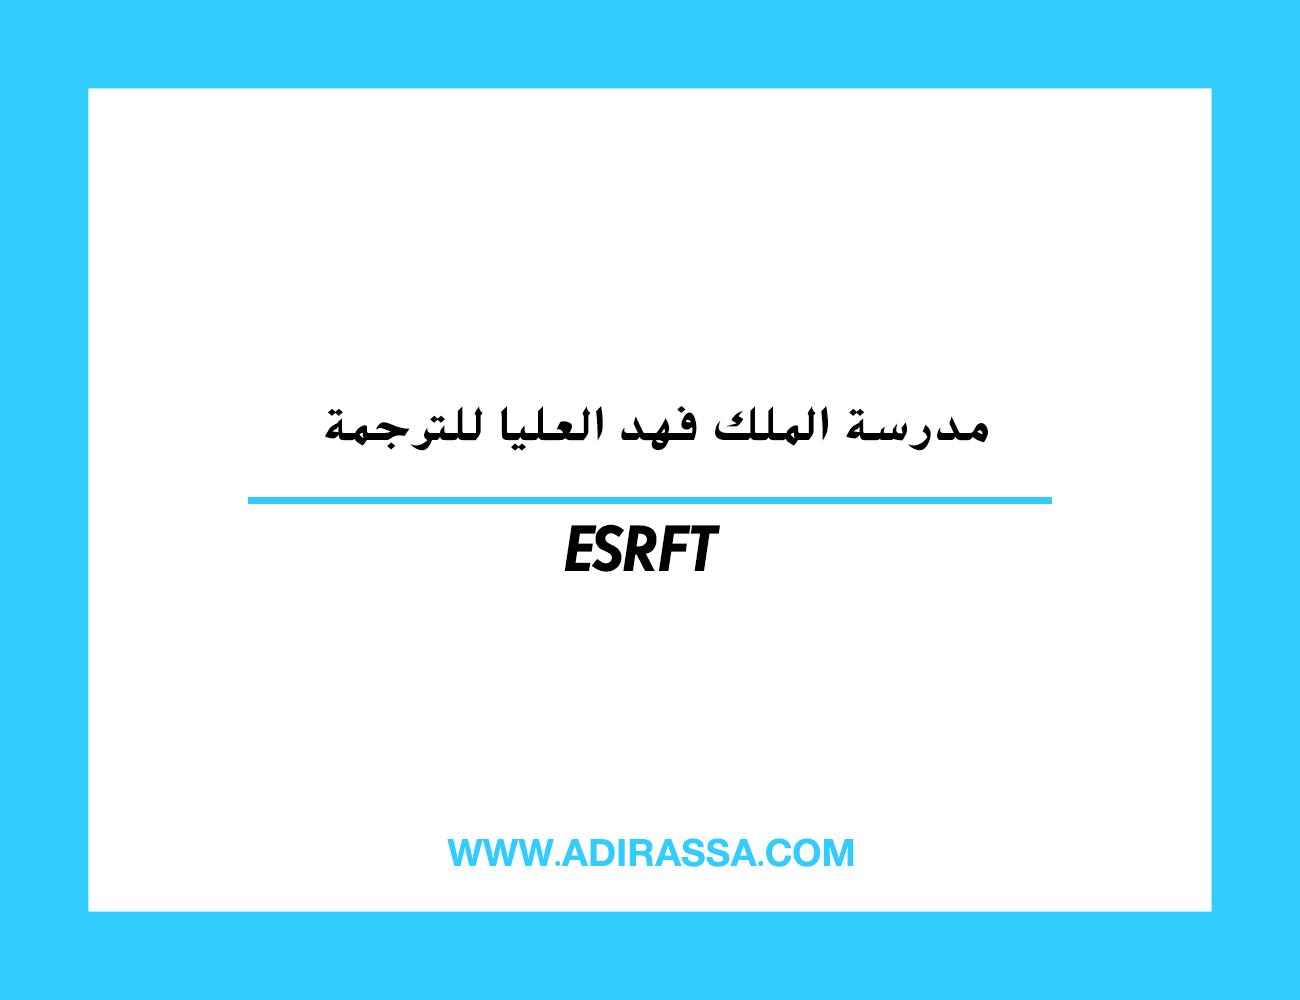 مدرسة الملك فهد العليا للترجمة الفورية والتحريرية بطنجة